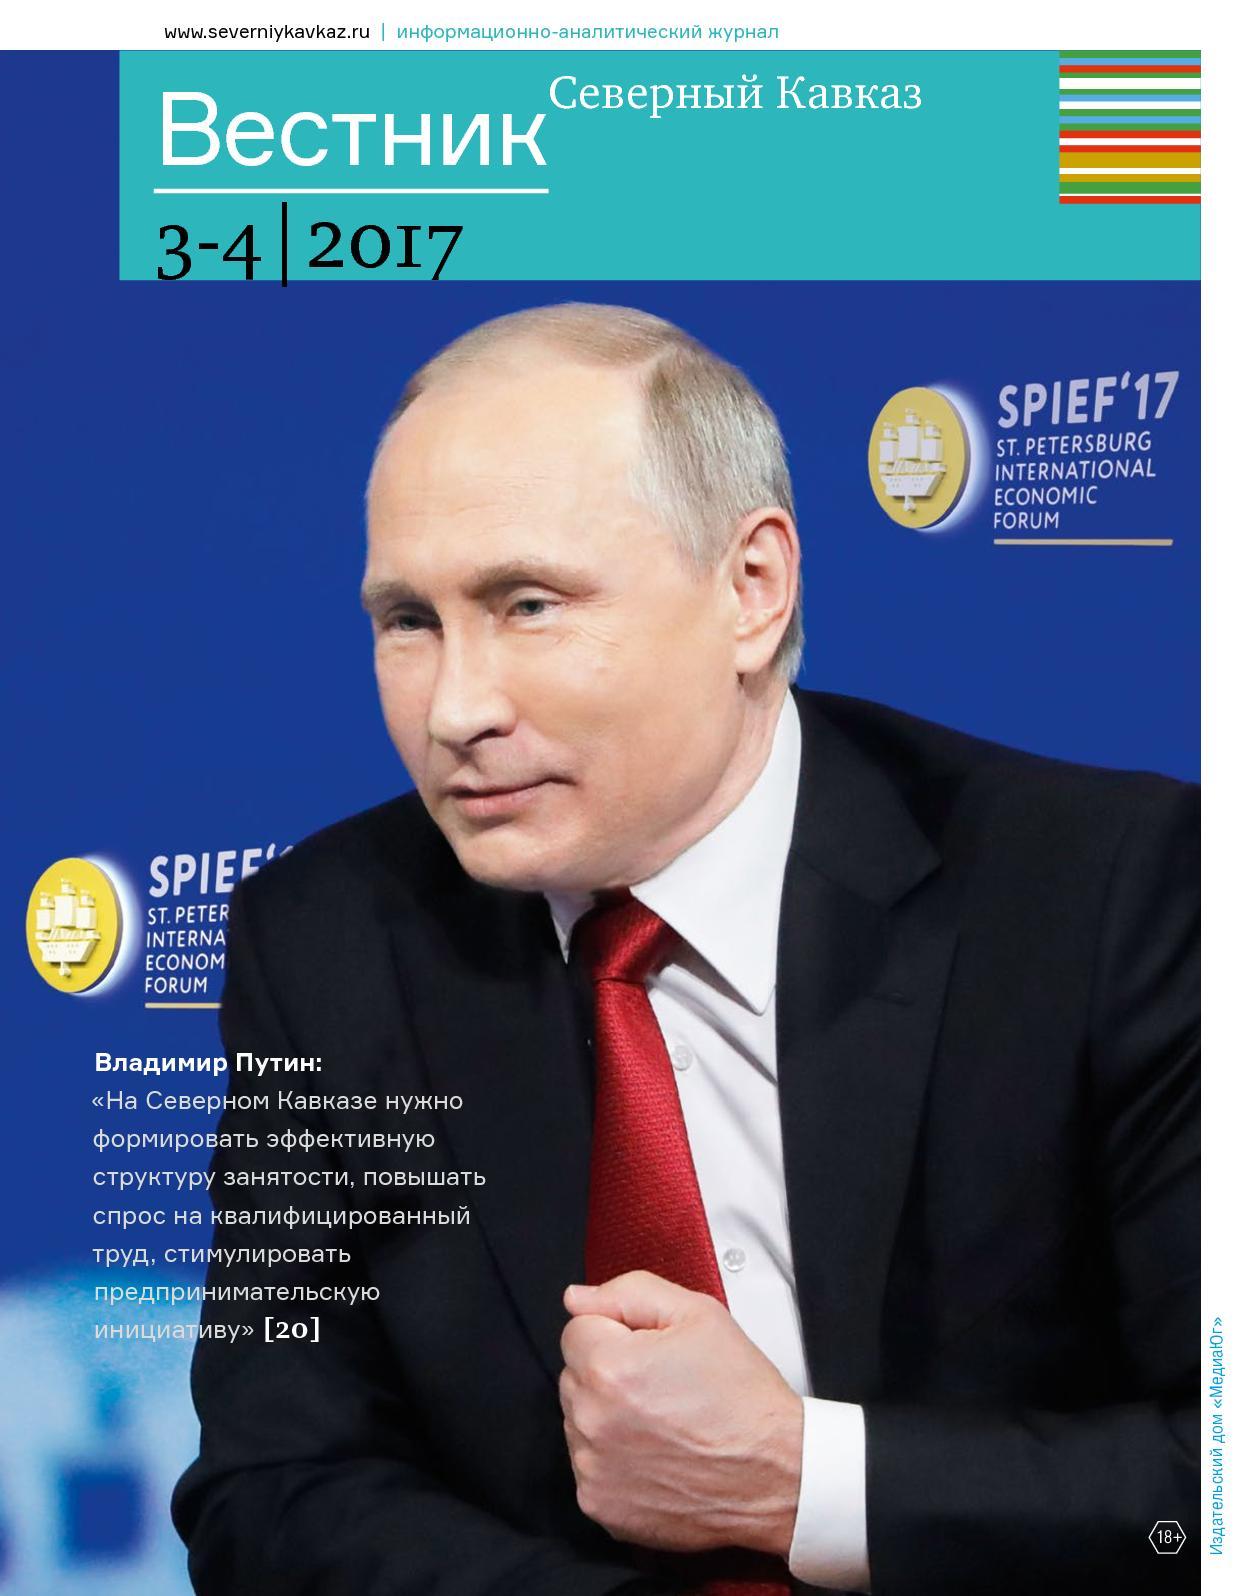 Рожденият ден на Путин: кога, как и къде президентът празнува празника